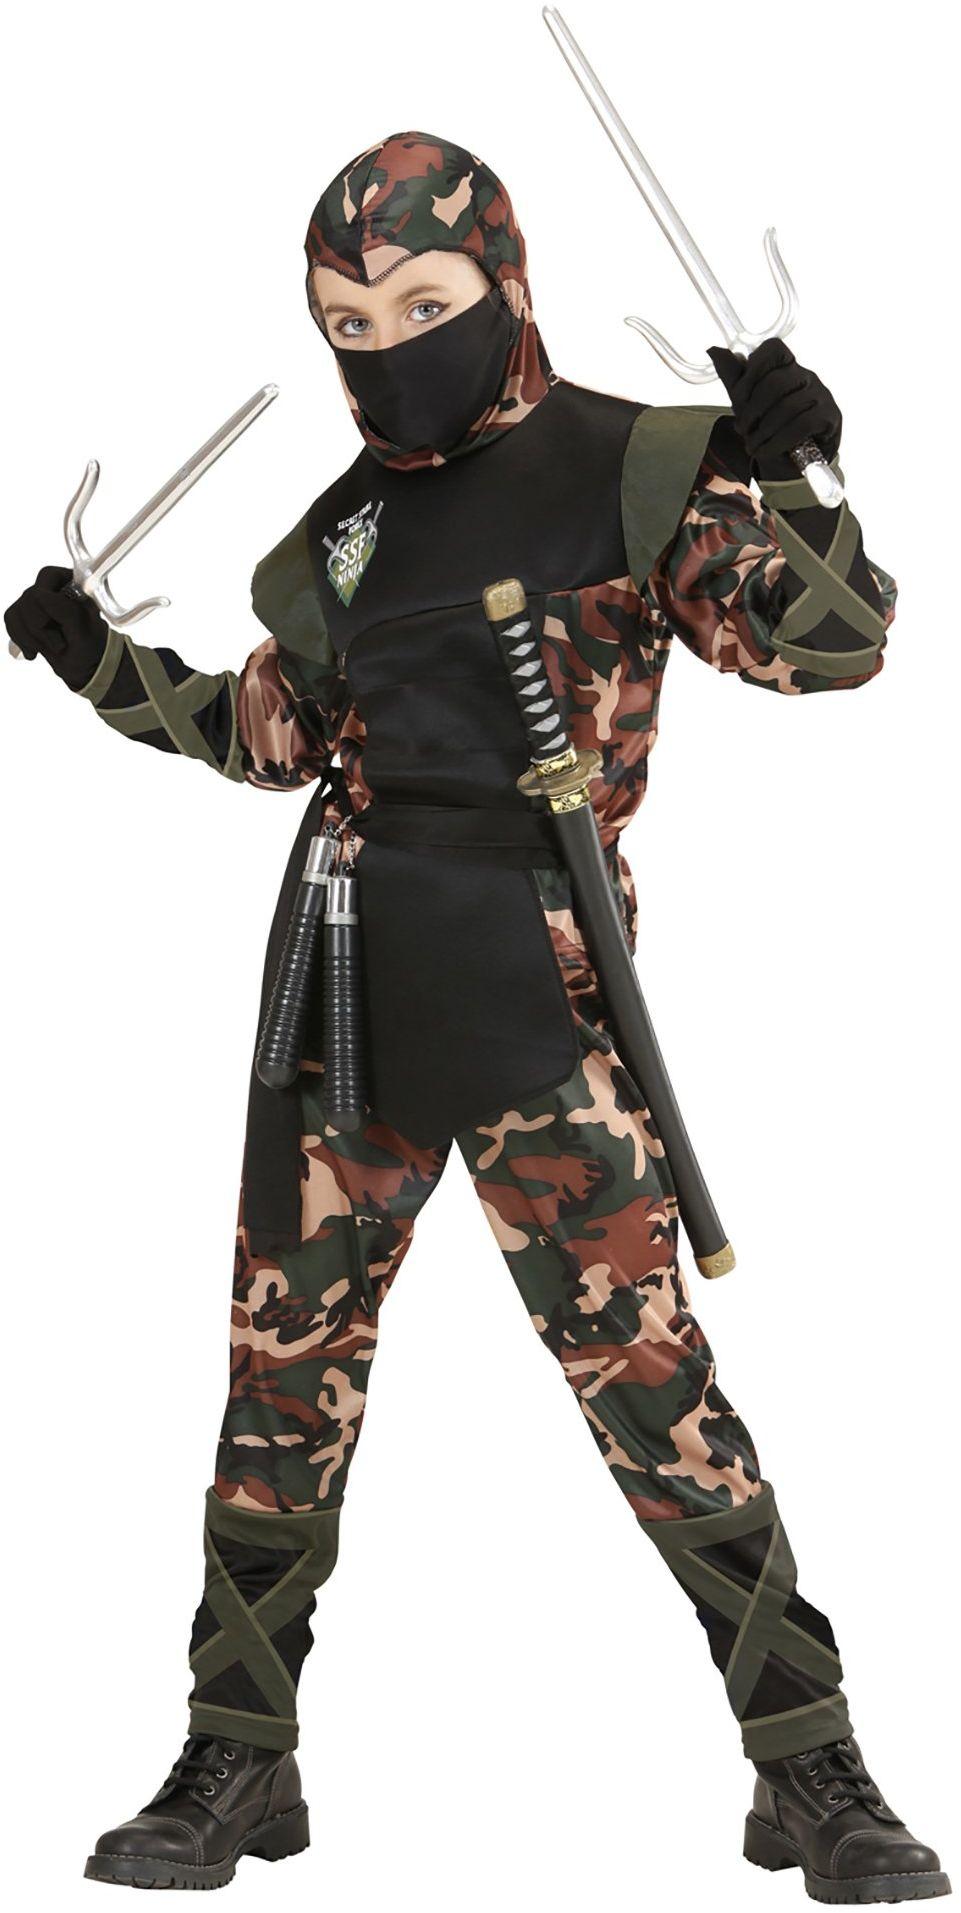 Widmann 76528 kostium dziecięcy żołnierz Ninja płaszcz z kapturem, ochraniacz na usta, spodnie, pasek